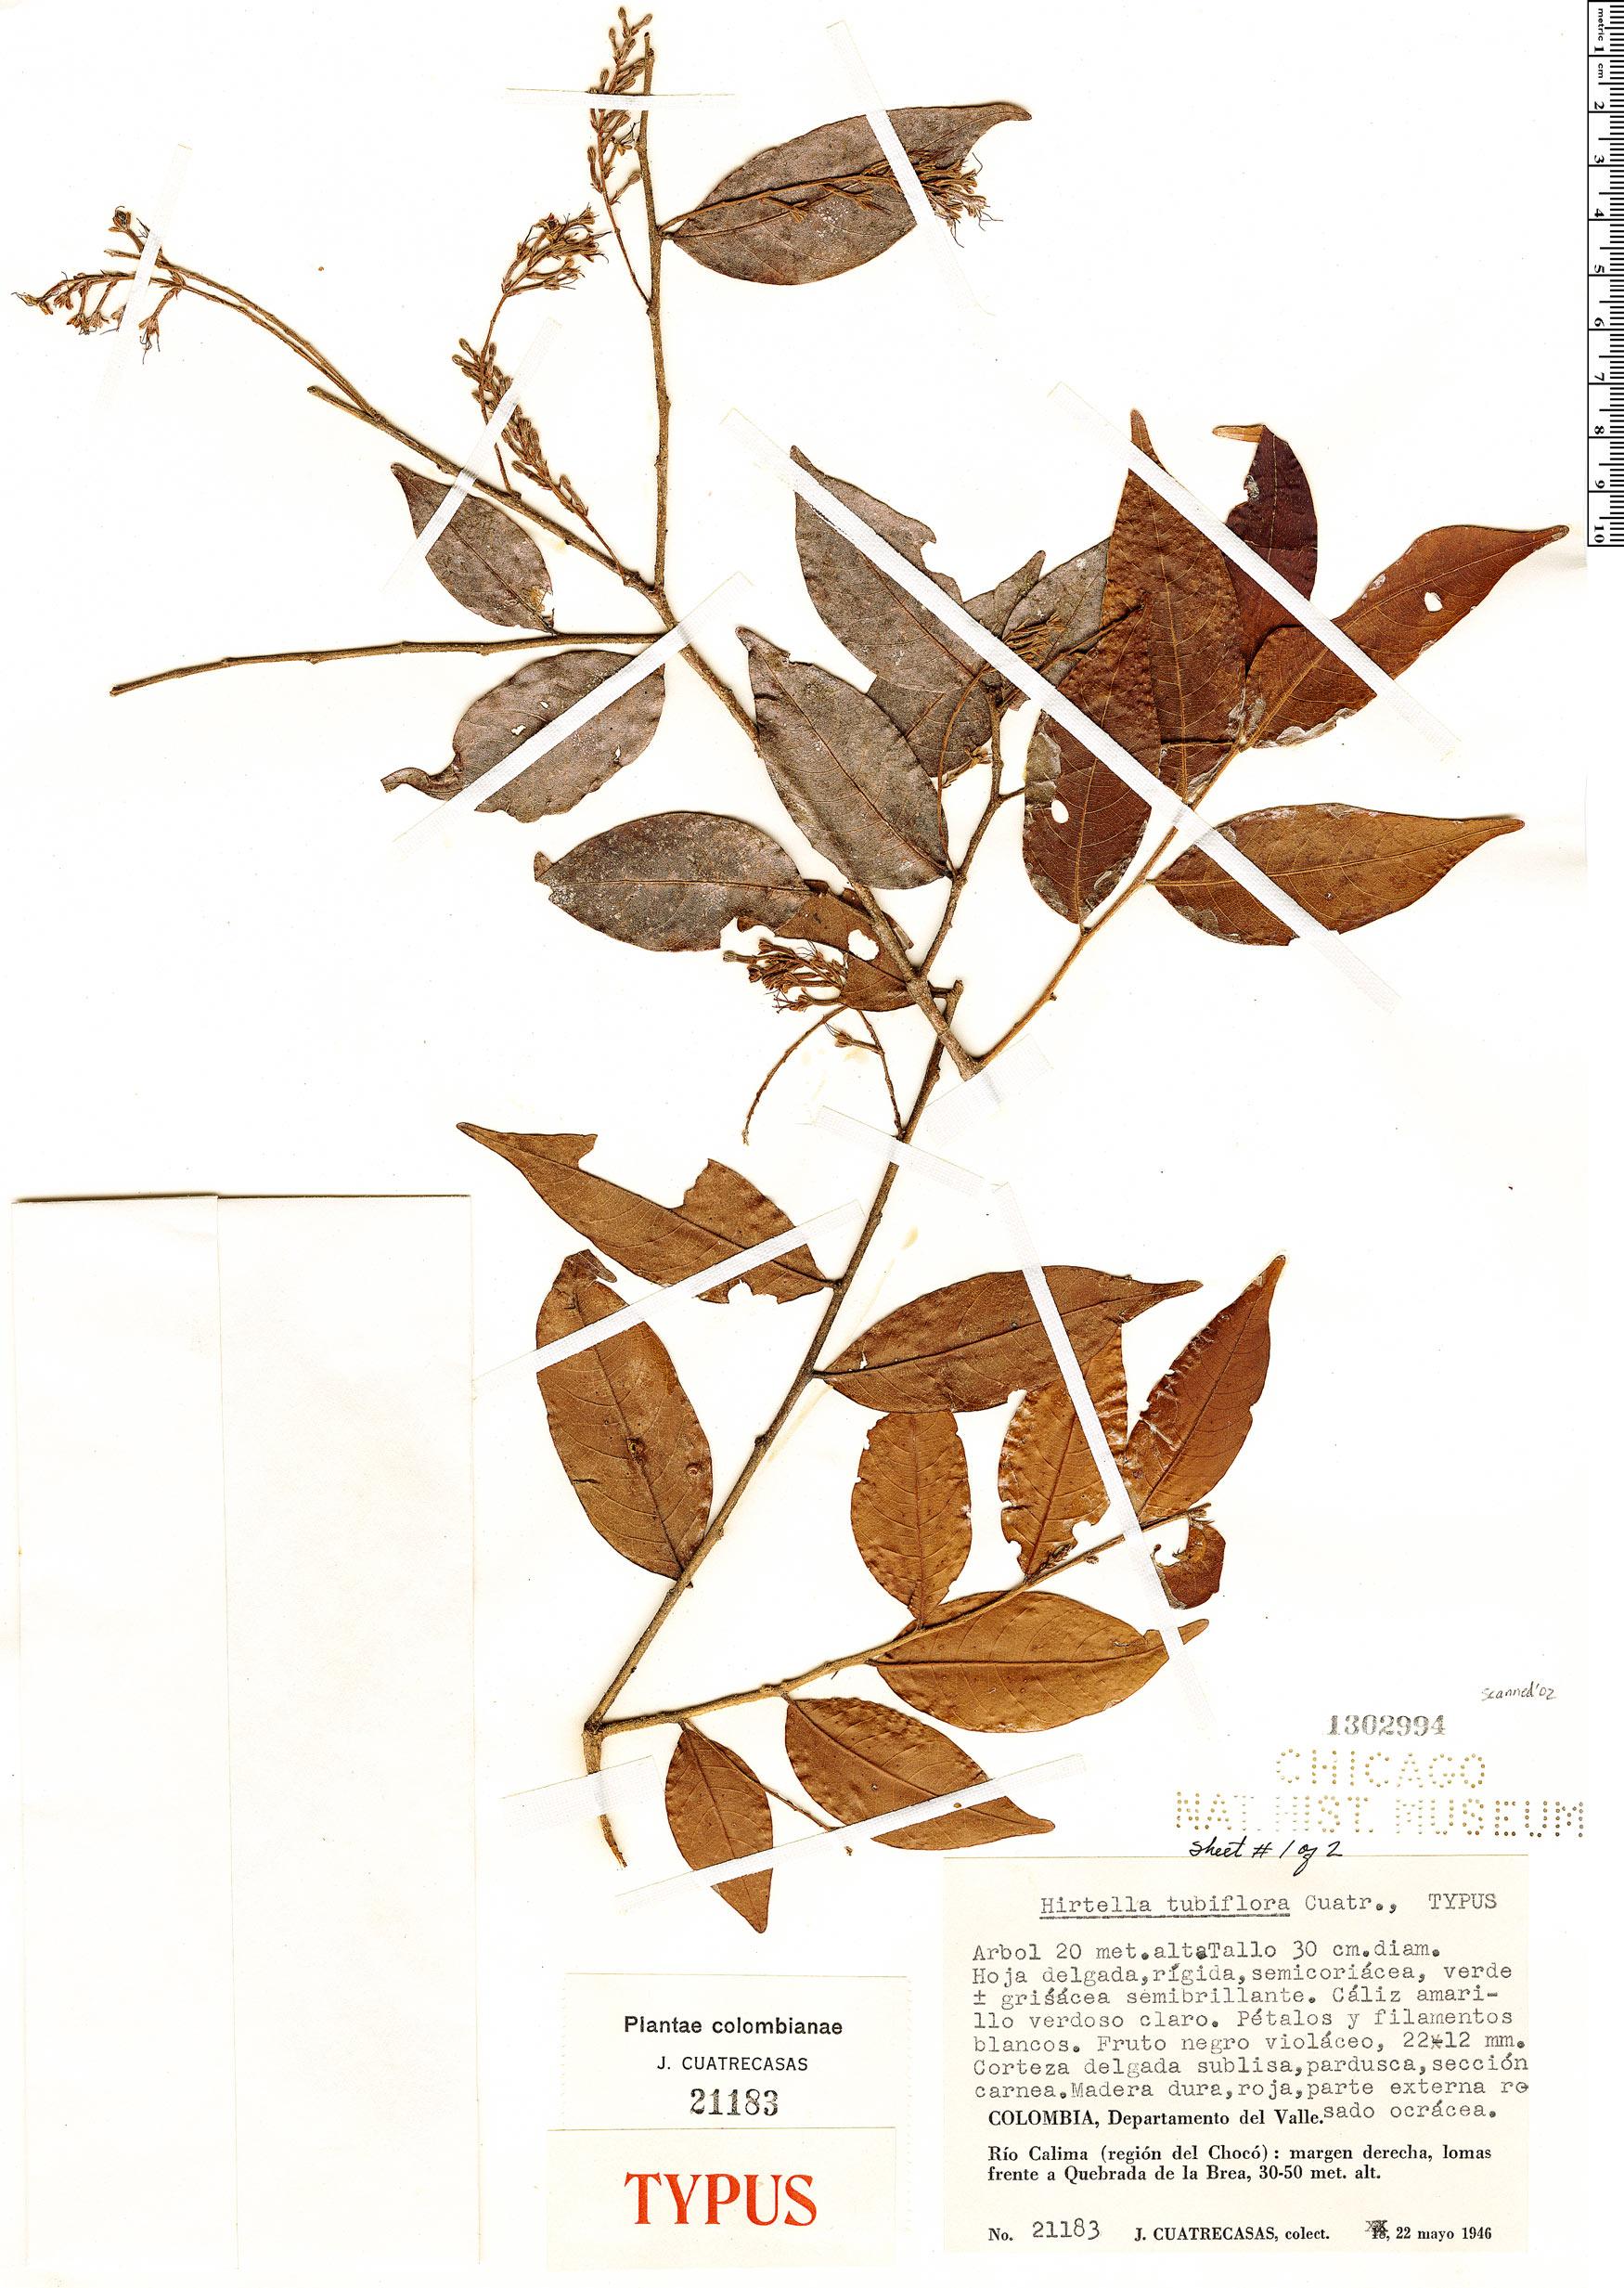 Specimen: Hirtella tubiflora